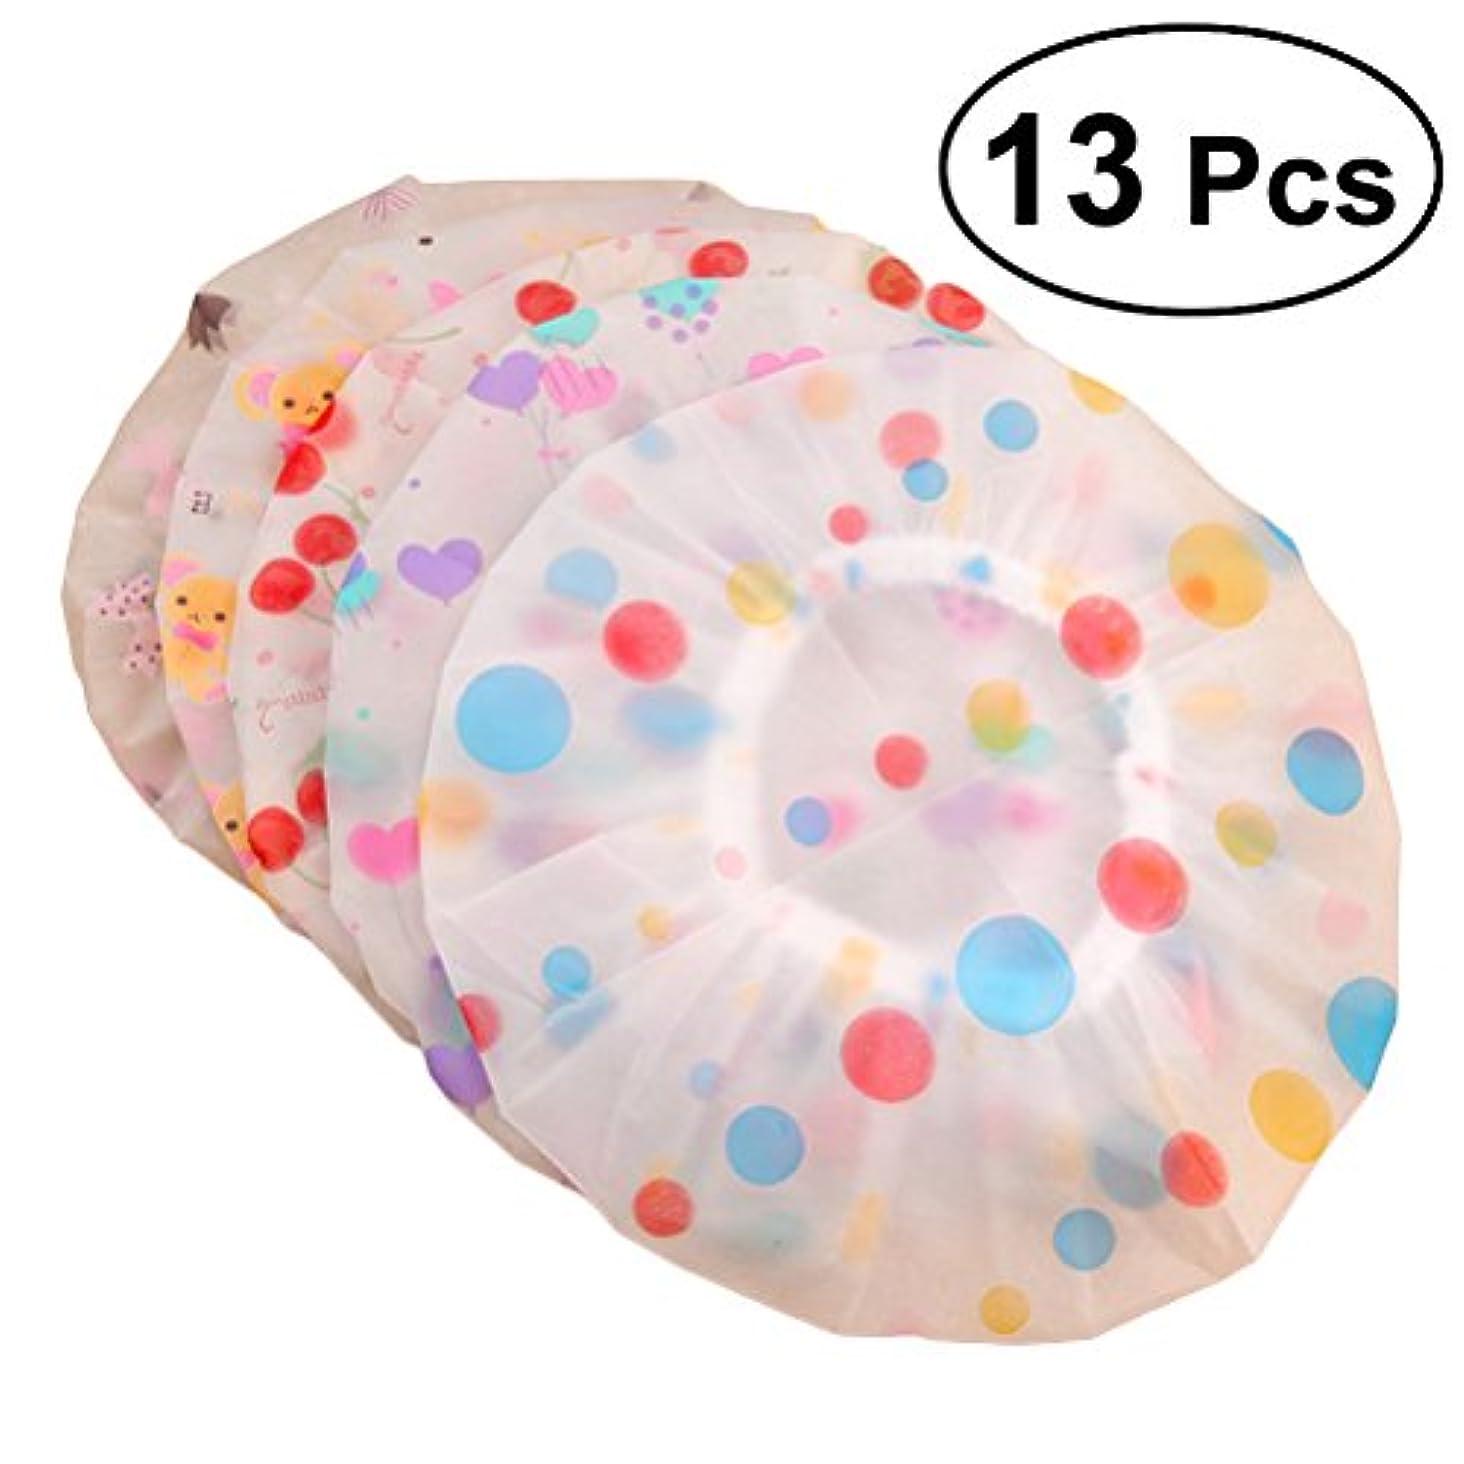 ラウンジ赤ちゃん科学的ROSENICE シャワーキャップ13pcs弾性防水プラスチック製の入浴用サロンヘアキャップレディサロンハット(示されているように)